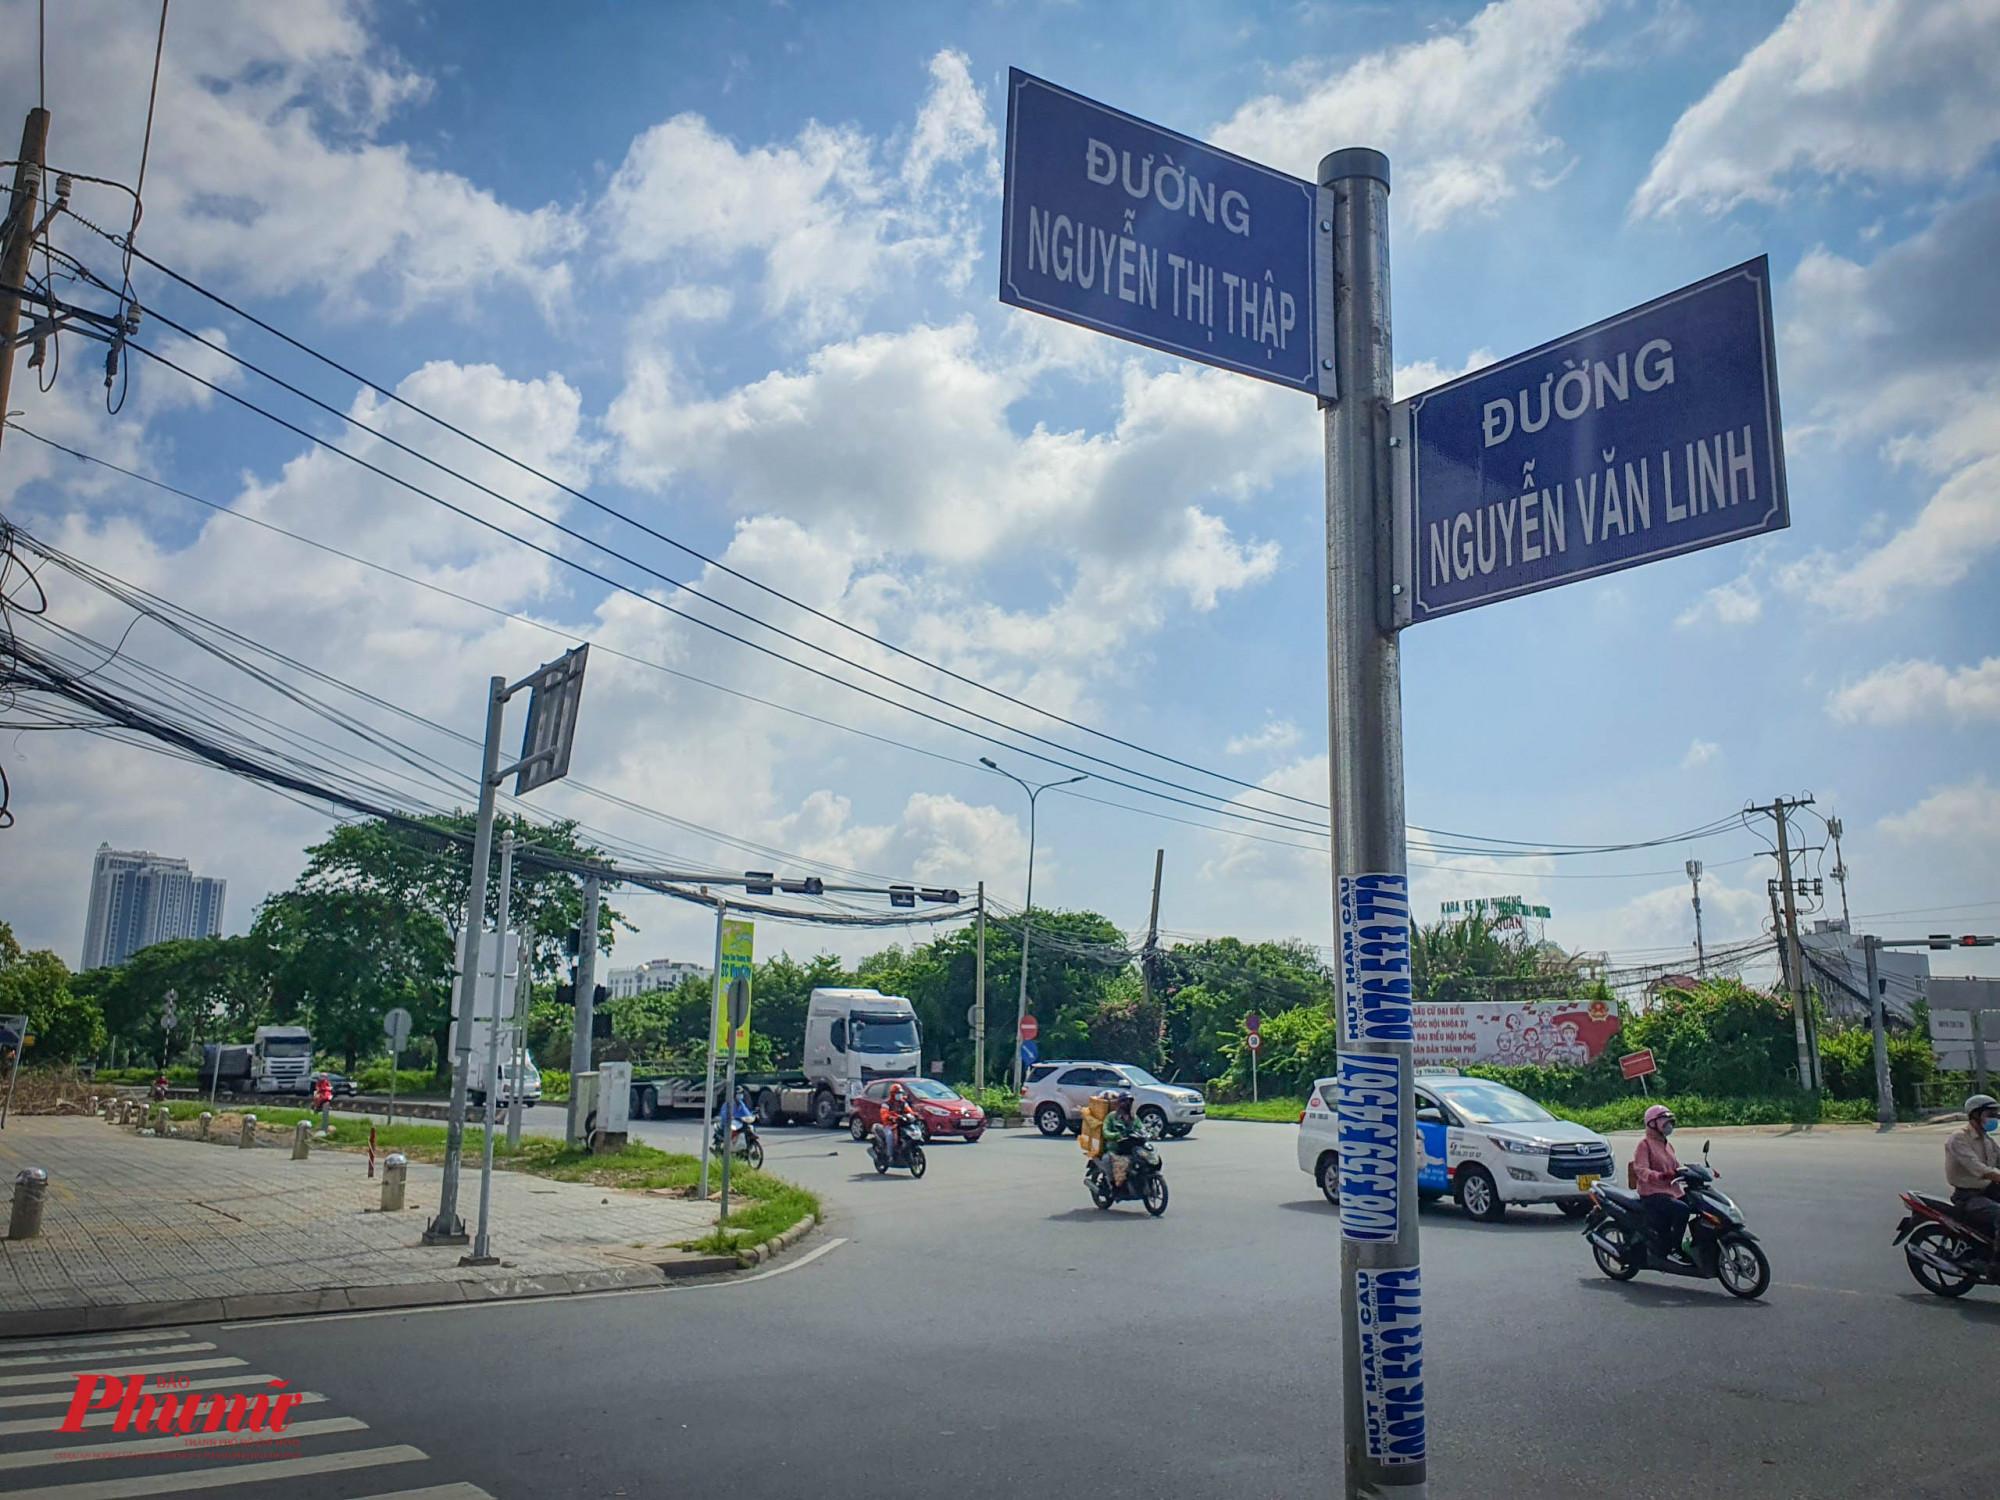 Điểm đầu dự án từ đường Nguyễn Thị Thập (Quận 7)